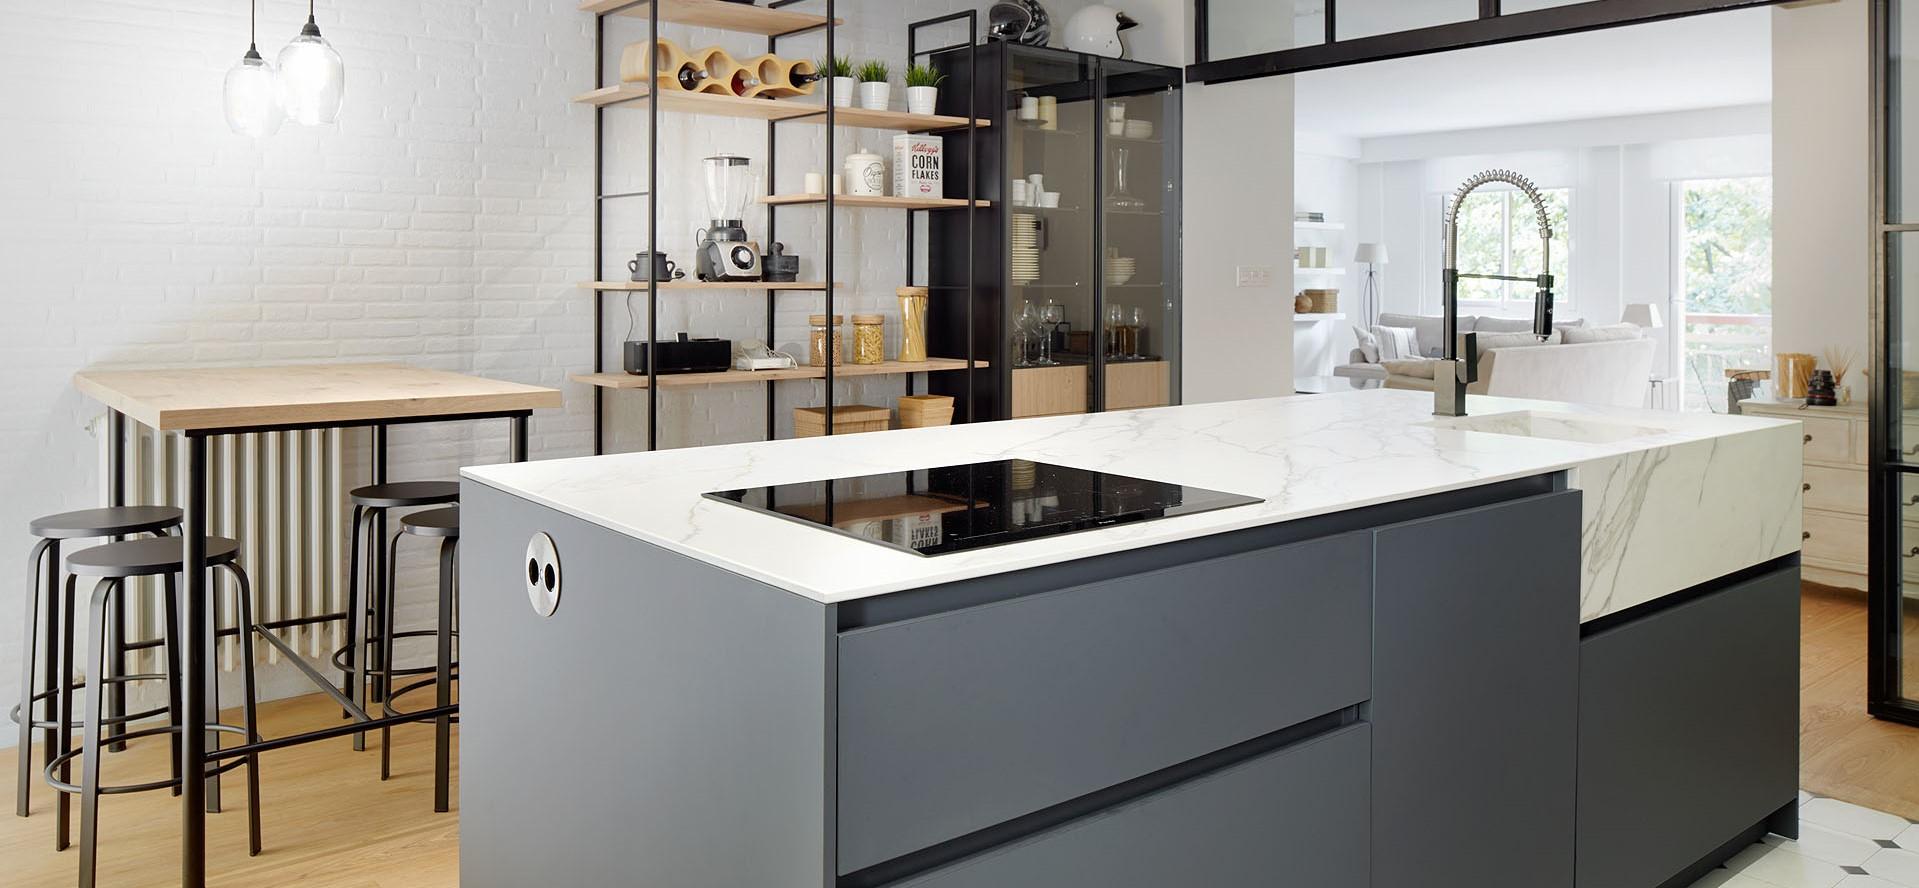 KÖKDECO | Muebles de cocina, baño y hogar en San Sebastián